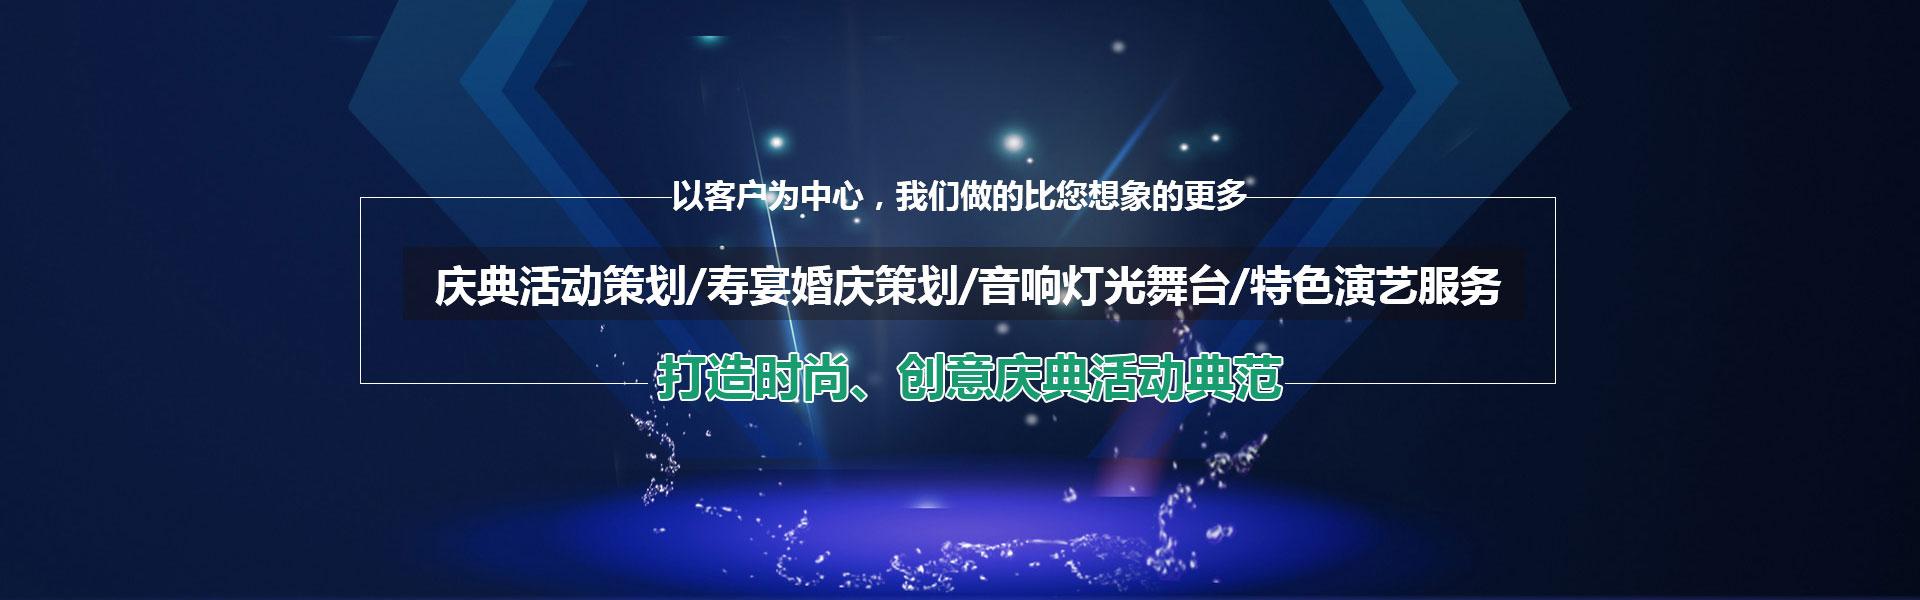 重庆庆典公司